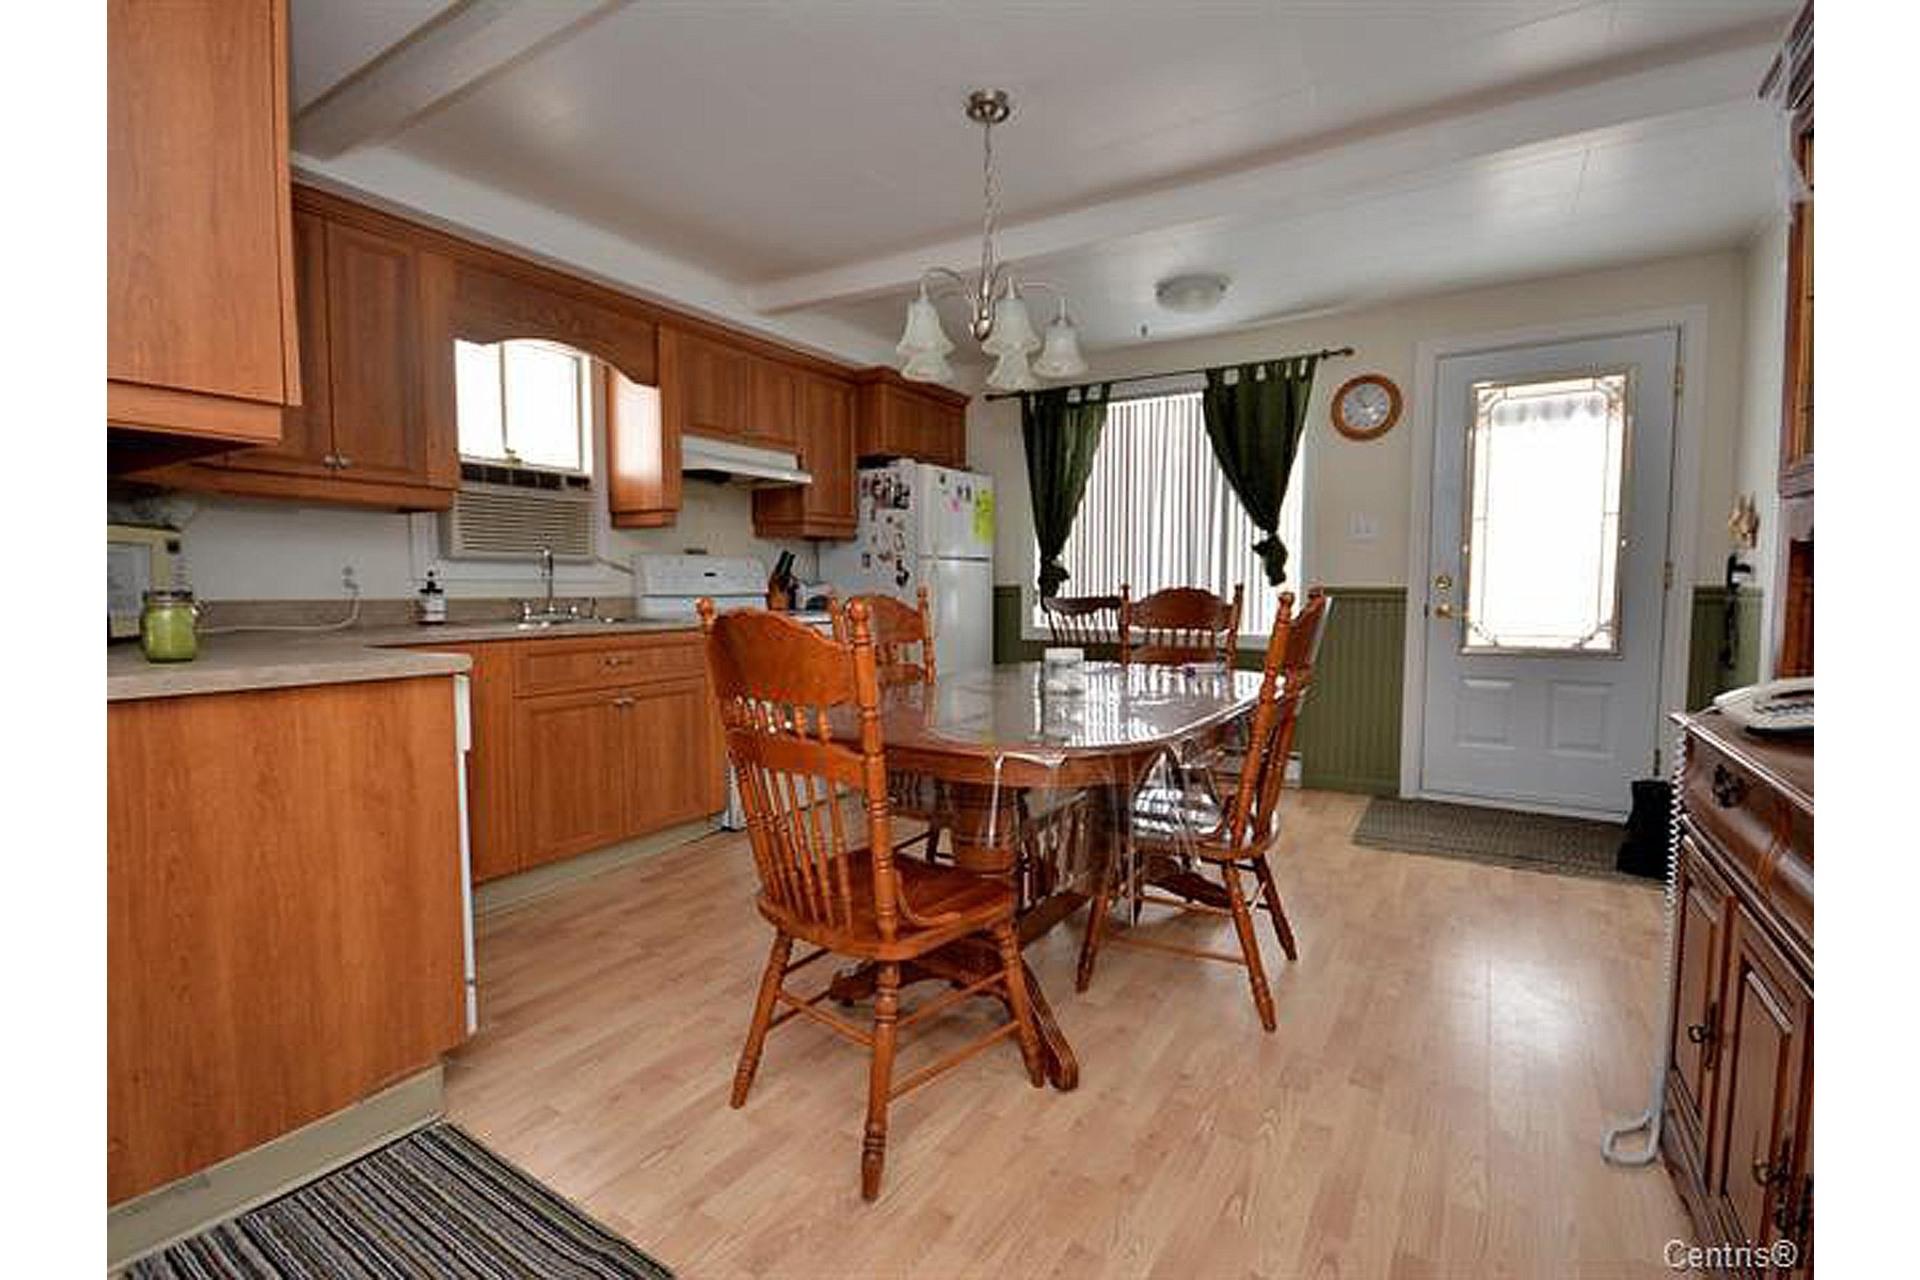 image 5 - House For sale Trois-Rivières - 8 rooms